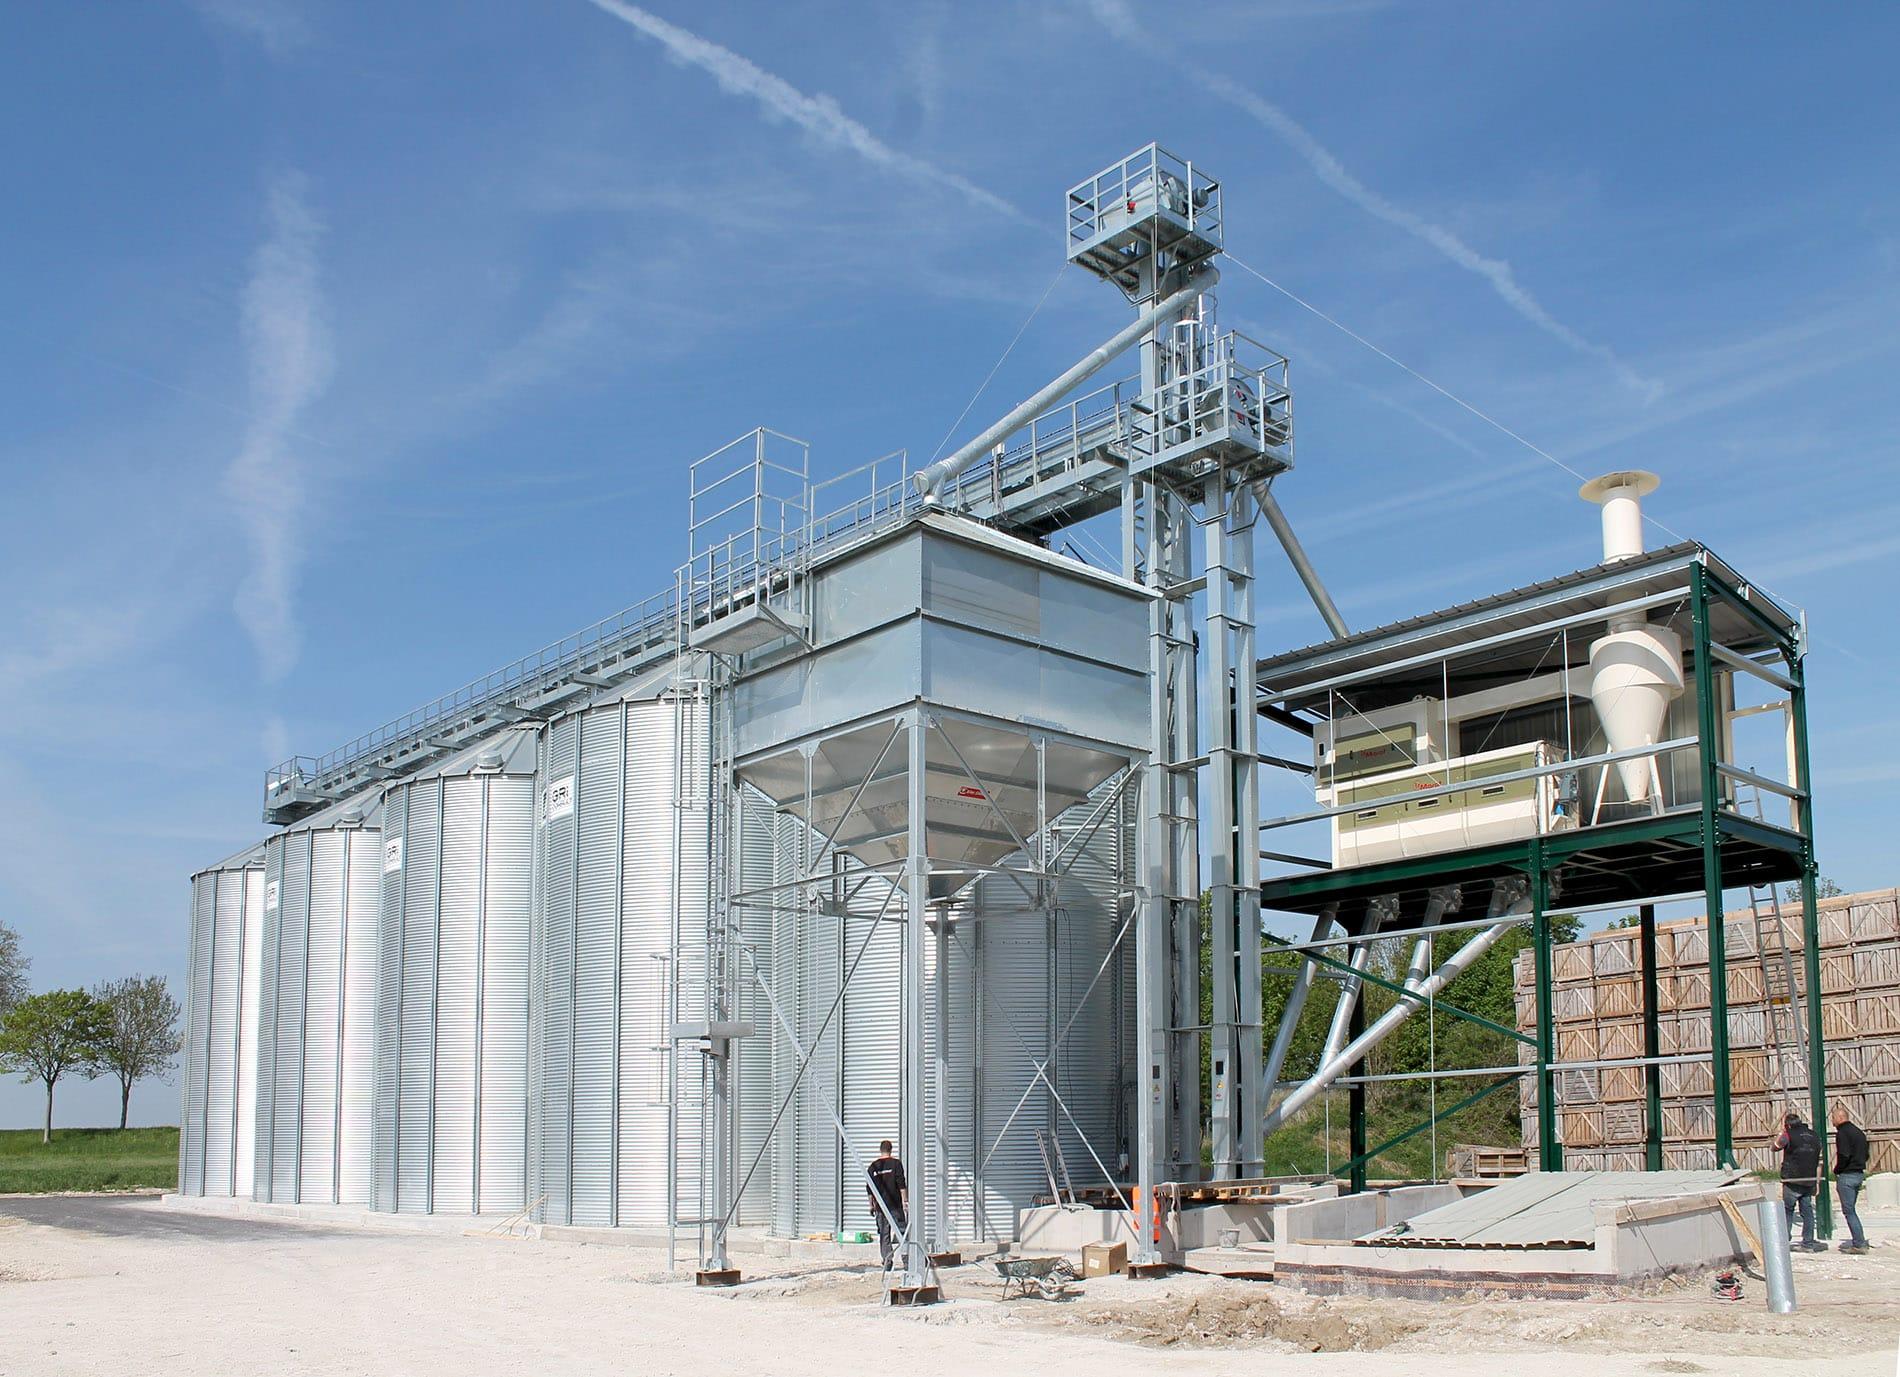 4 silos à grain alignés avec un boisseau des élévateurs à godets et un nettoyeur rotatif marot avec cyclone